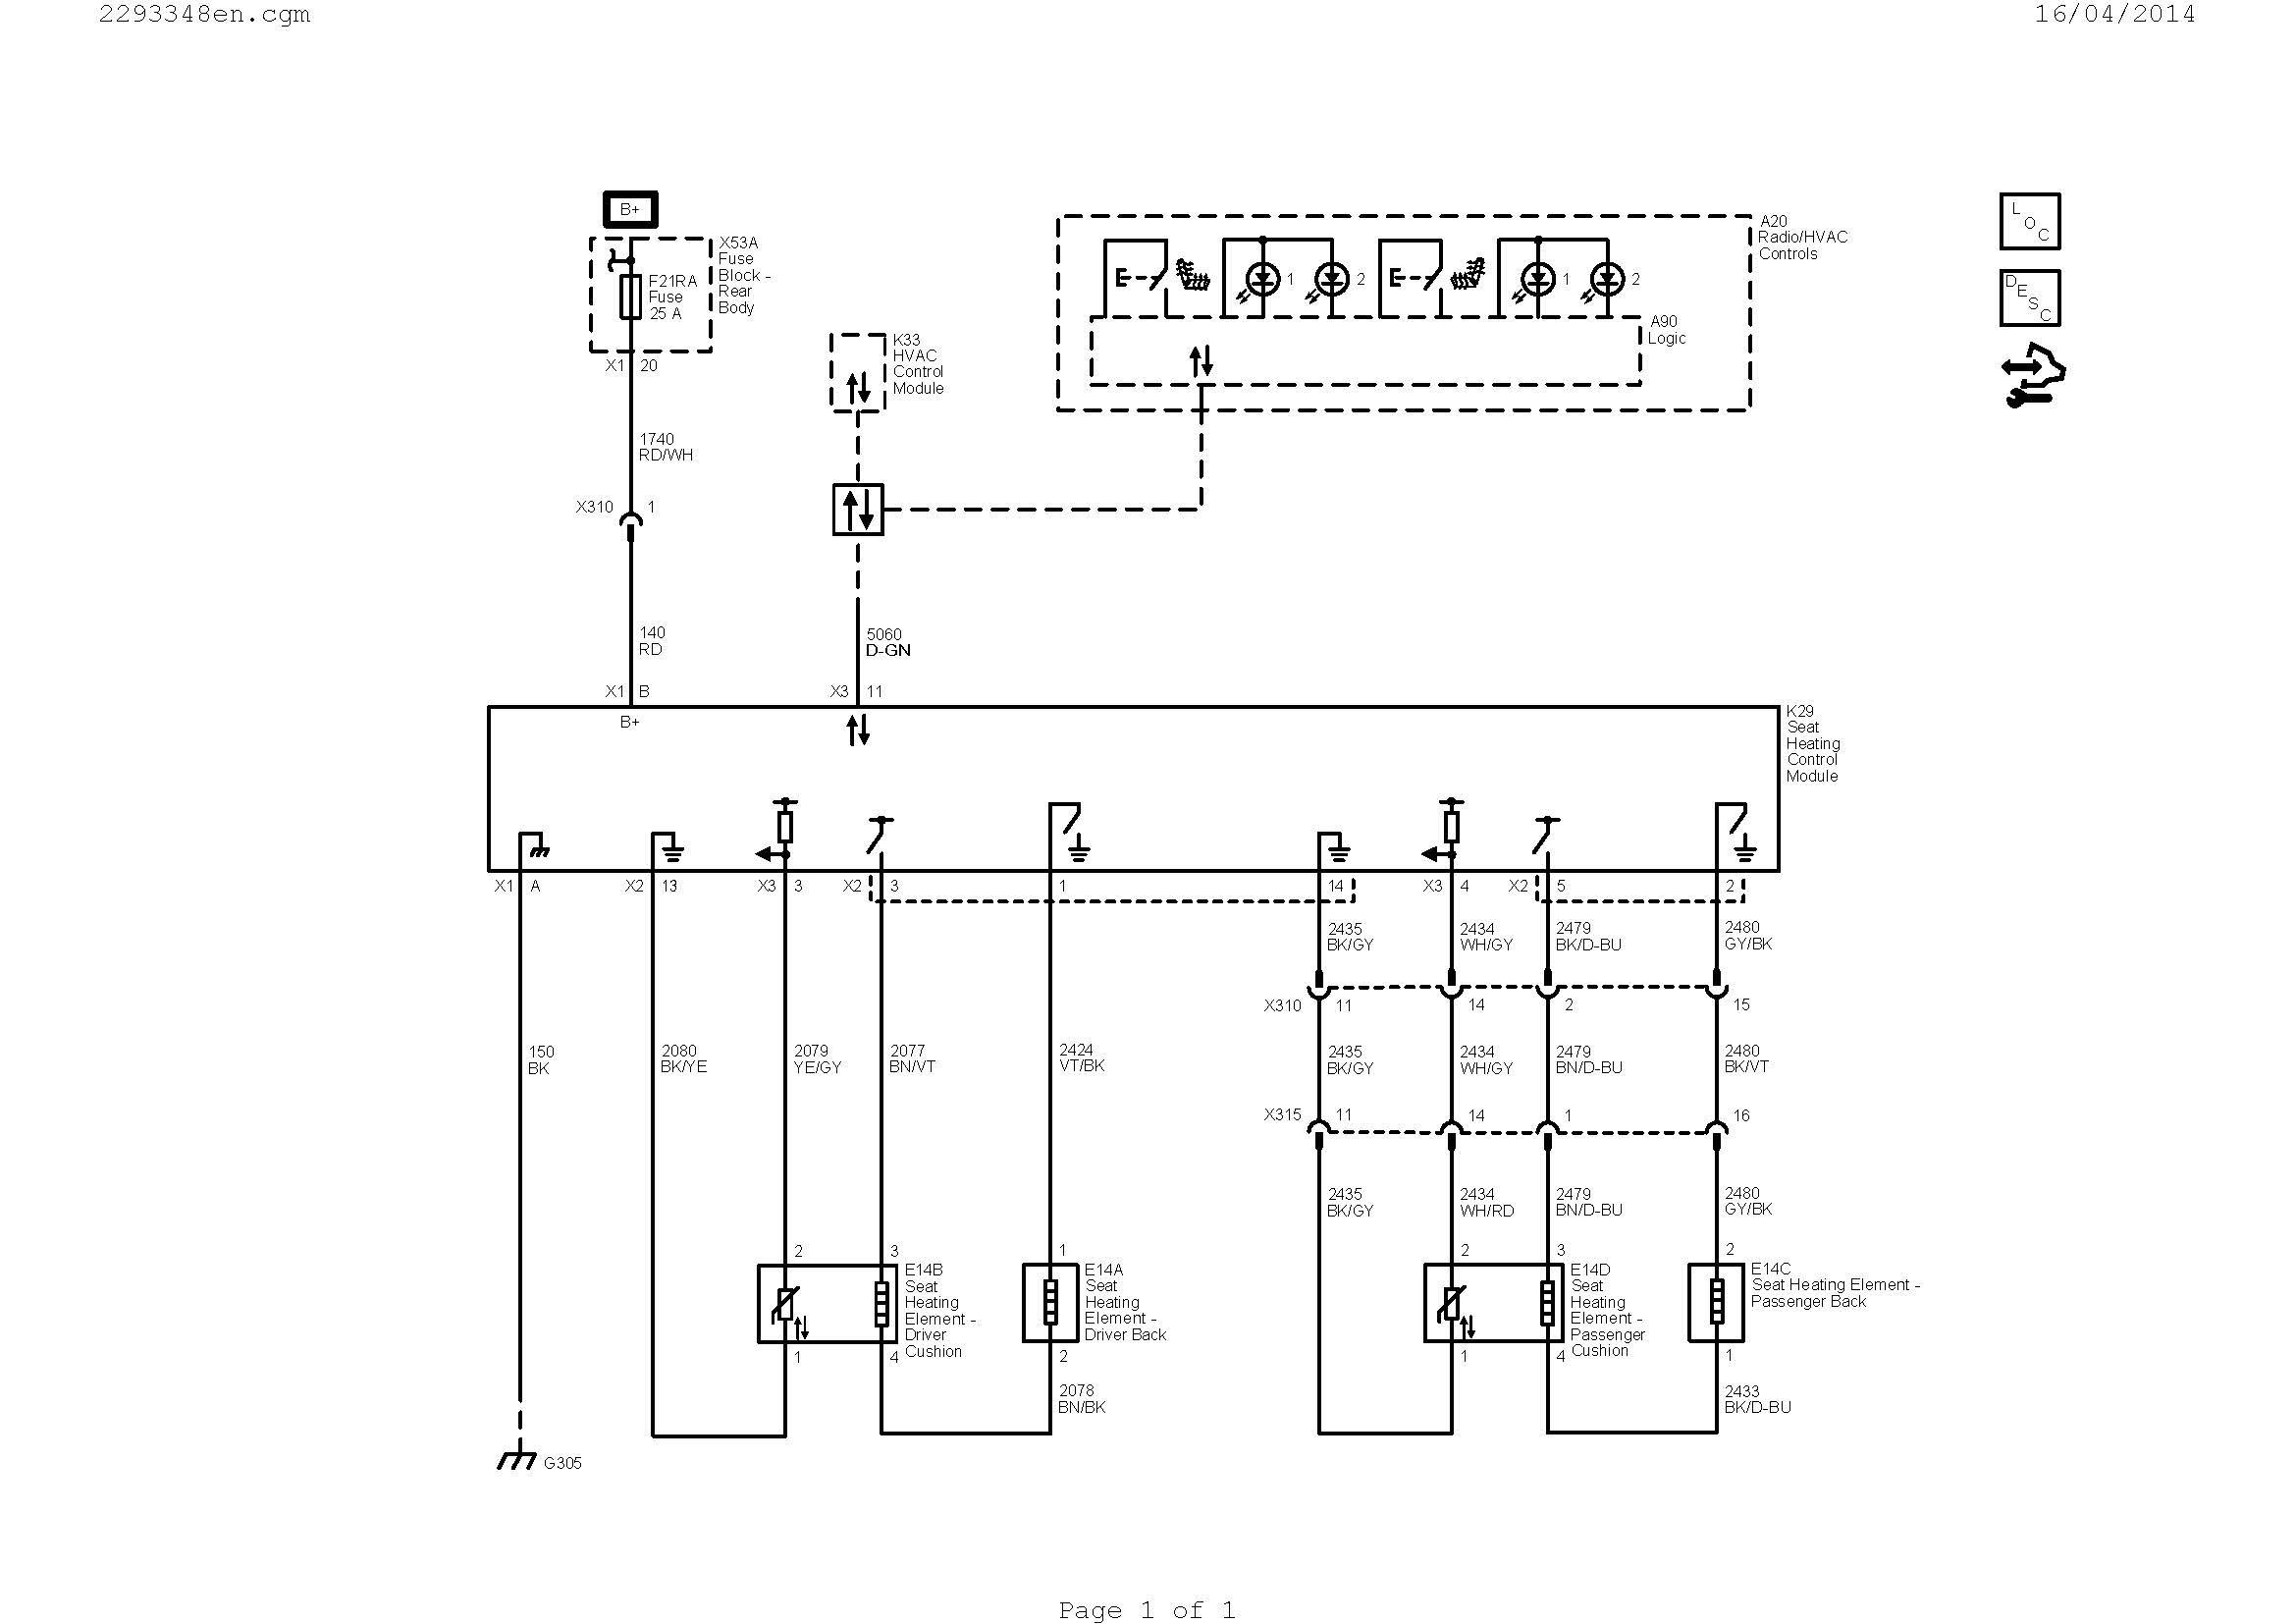 honeywell r8184g4009 wiring diagram Collection-Guitar Cable Wiring Diagram Valid Wiring Diagram Guitar Fresh Hvac 15 Best Guitar Wiring 1-q